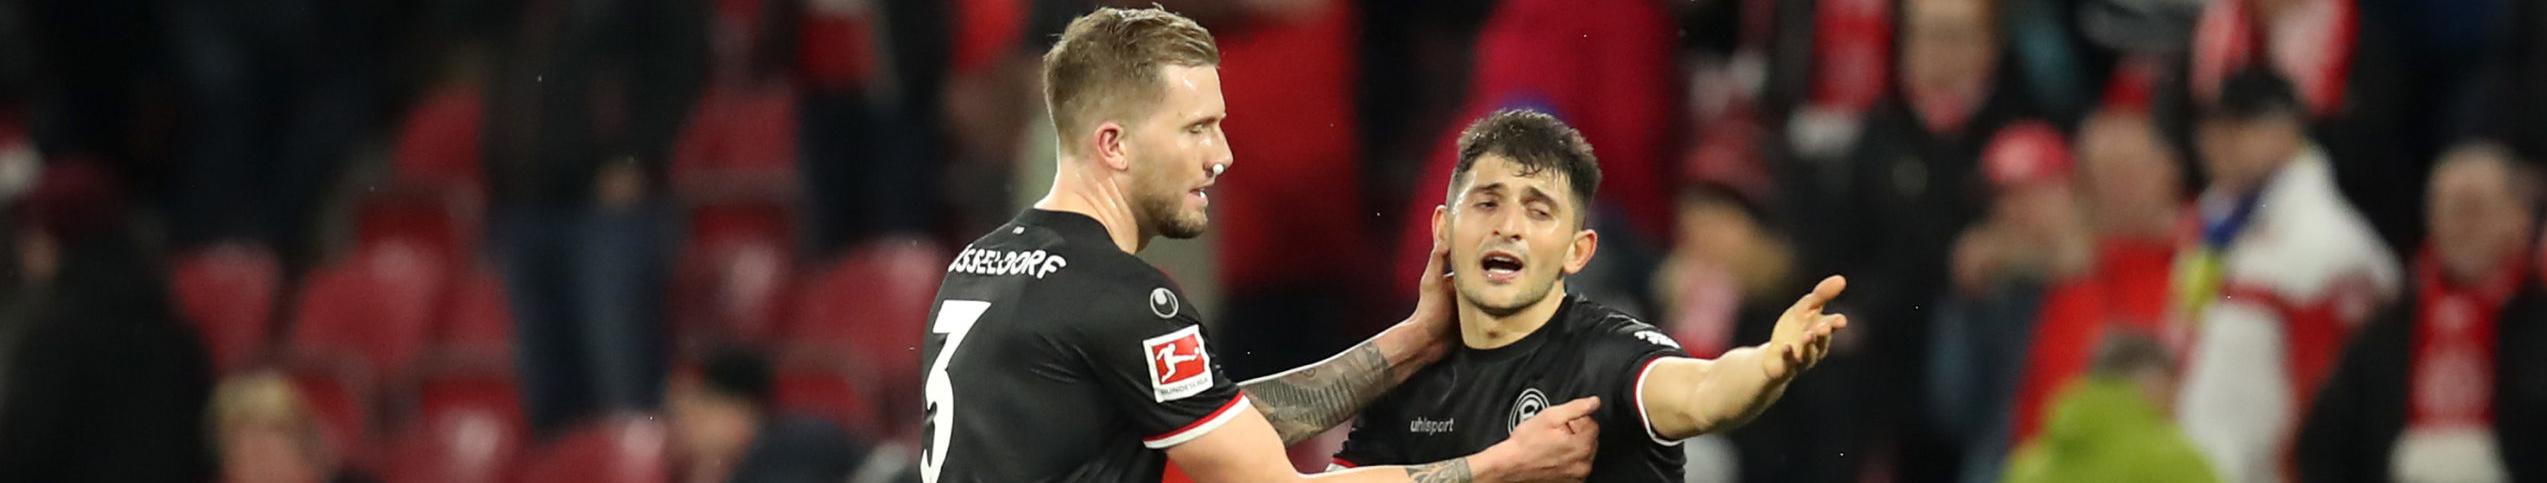 Quote Fortuna Dusseldorf-Paderborn: vincere per continuare a sperare nella salvezza